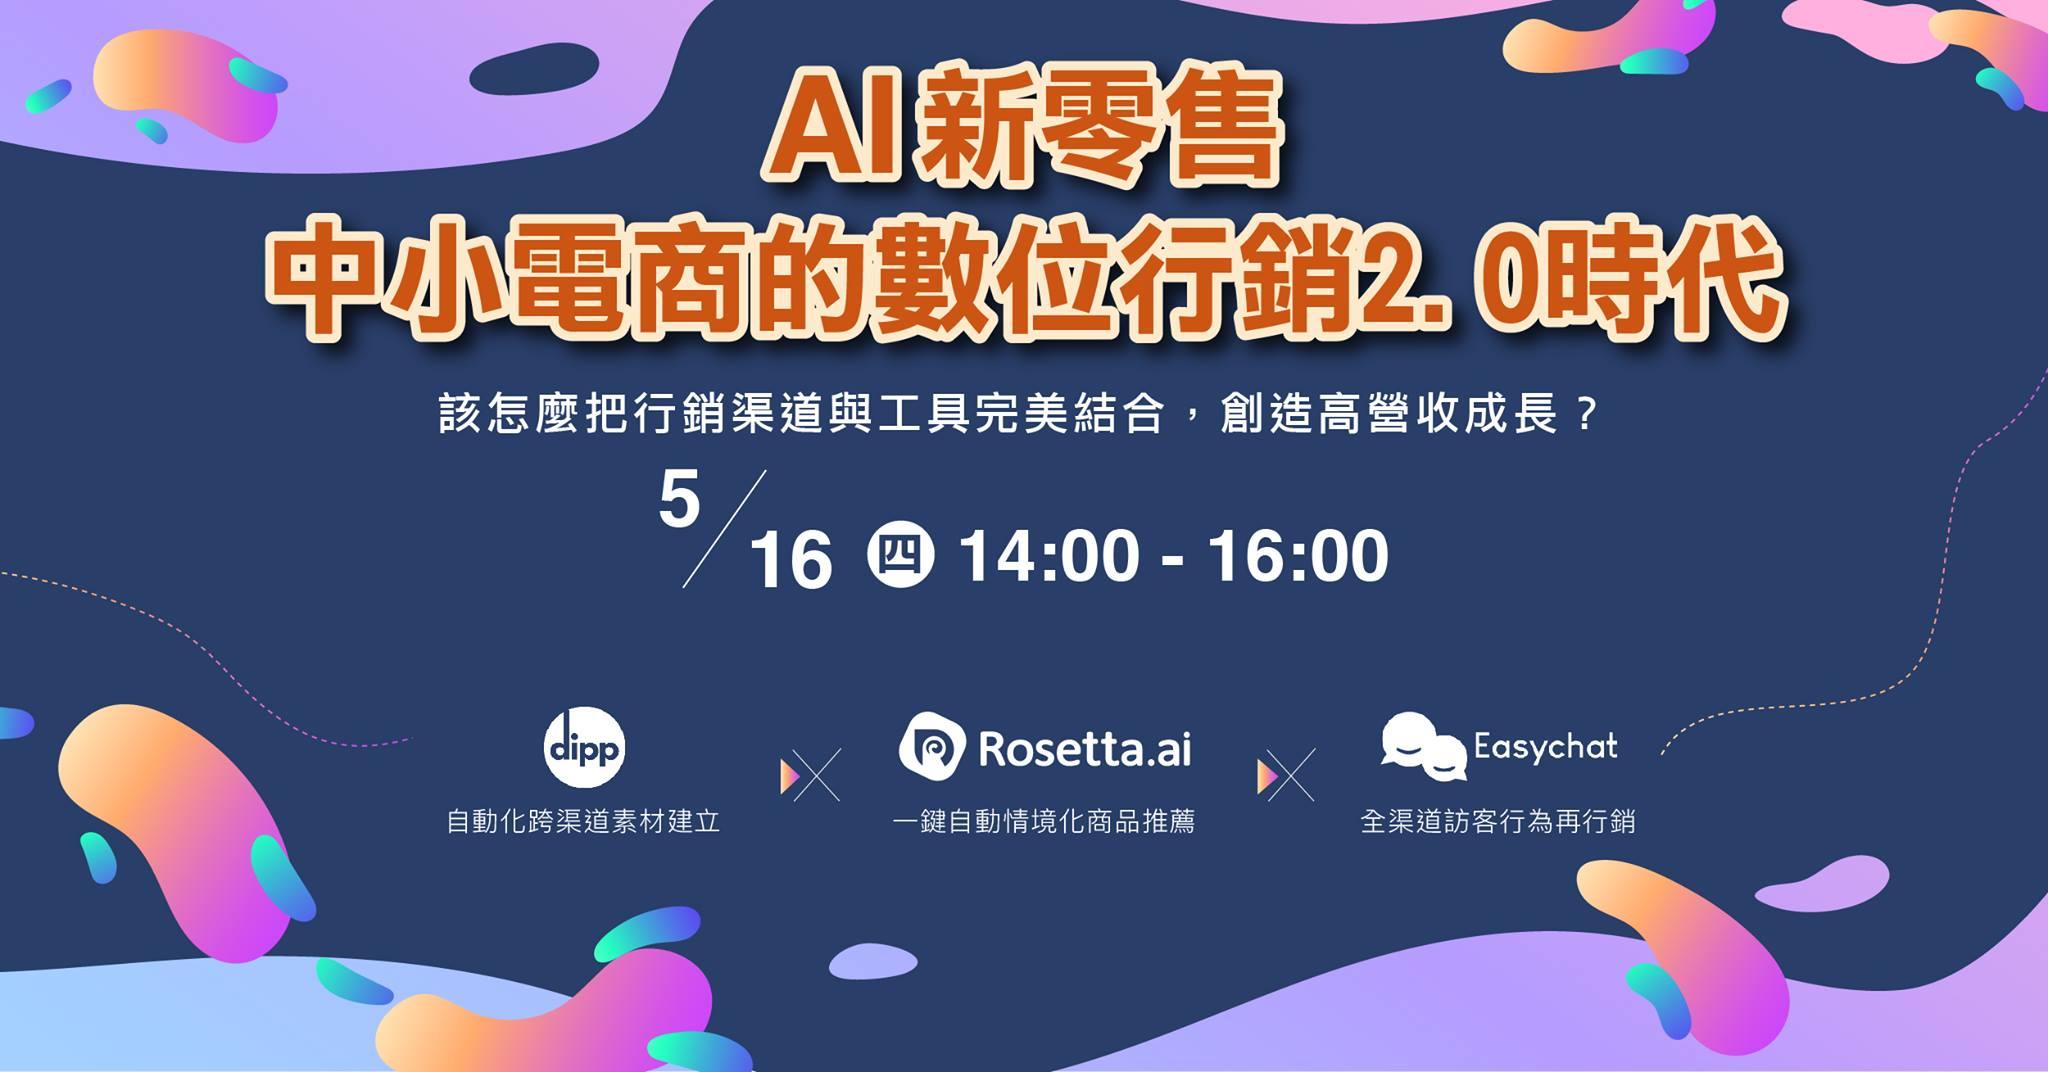 event-ai-retail